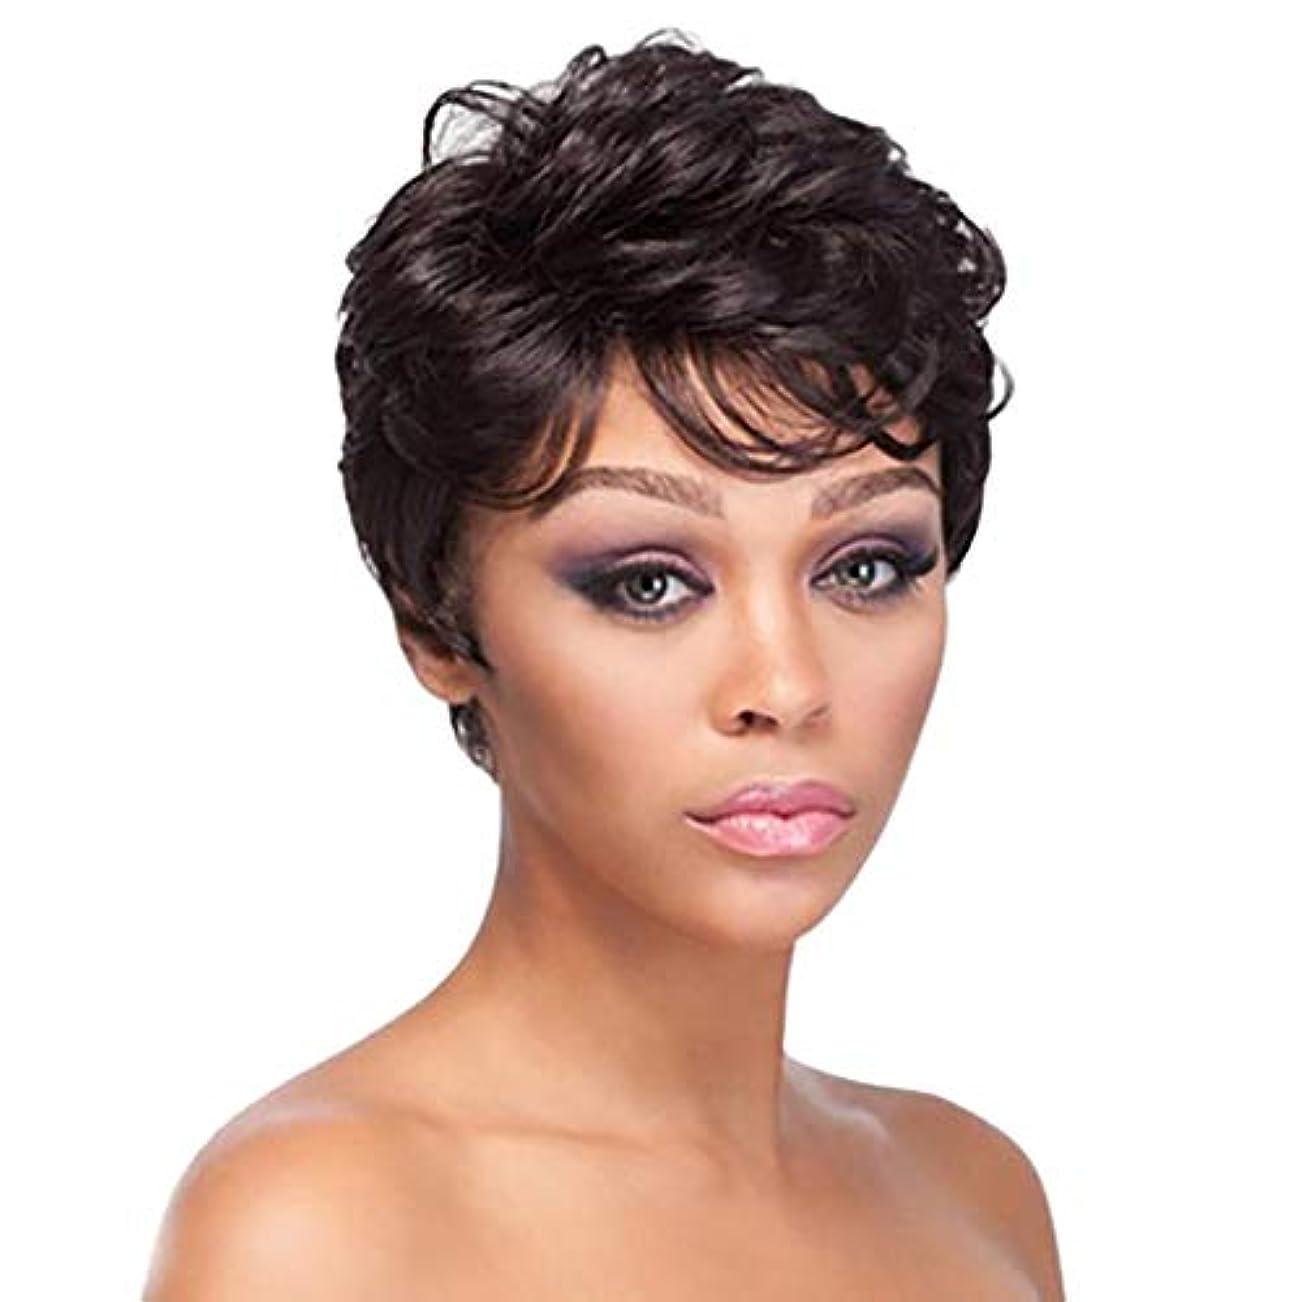 カテゴリー取り戻す壮大かつら短い巻き毛ふわふわ天然化学繊維ウィッグローズヘアネット10CM